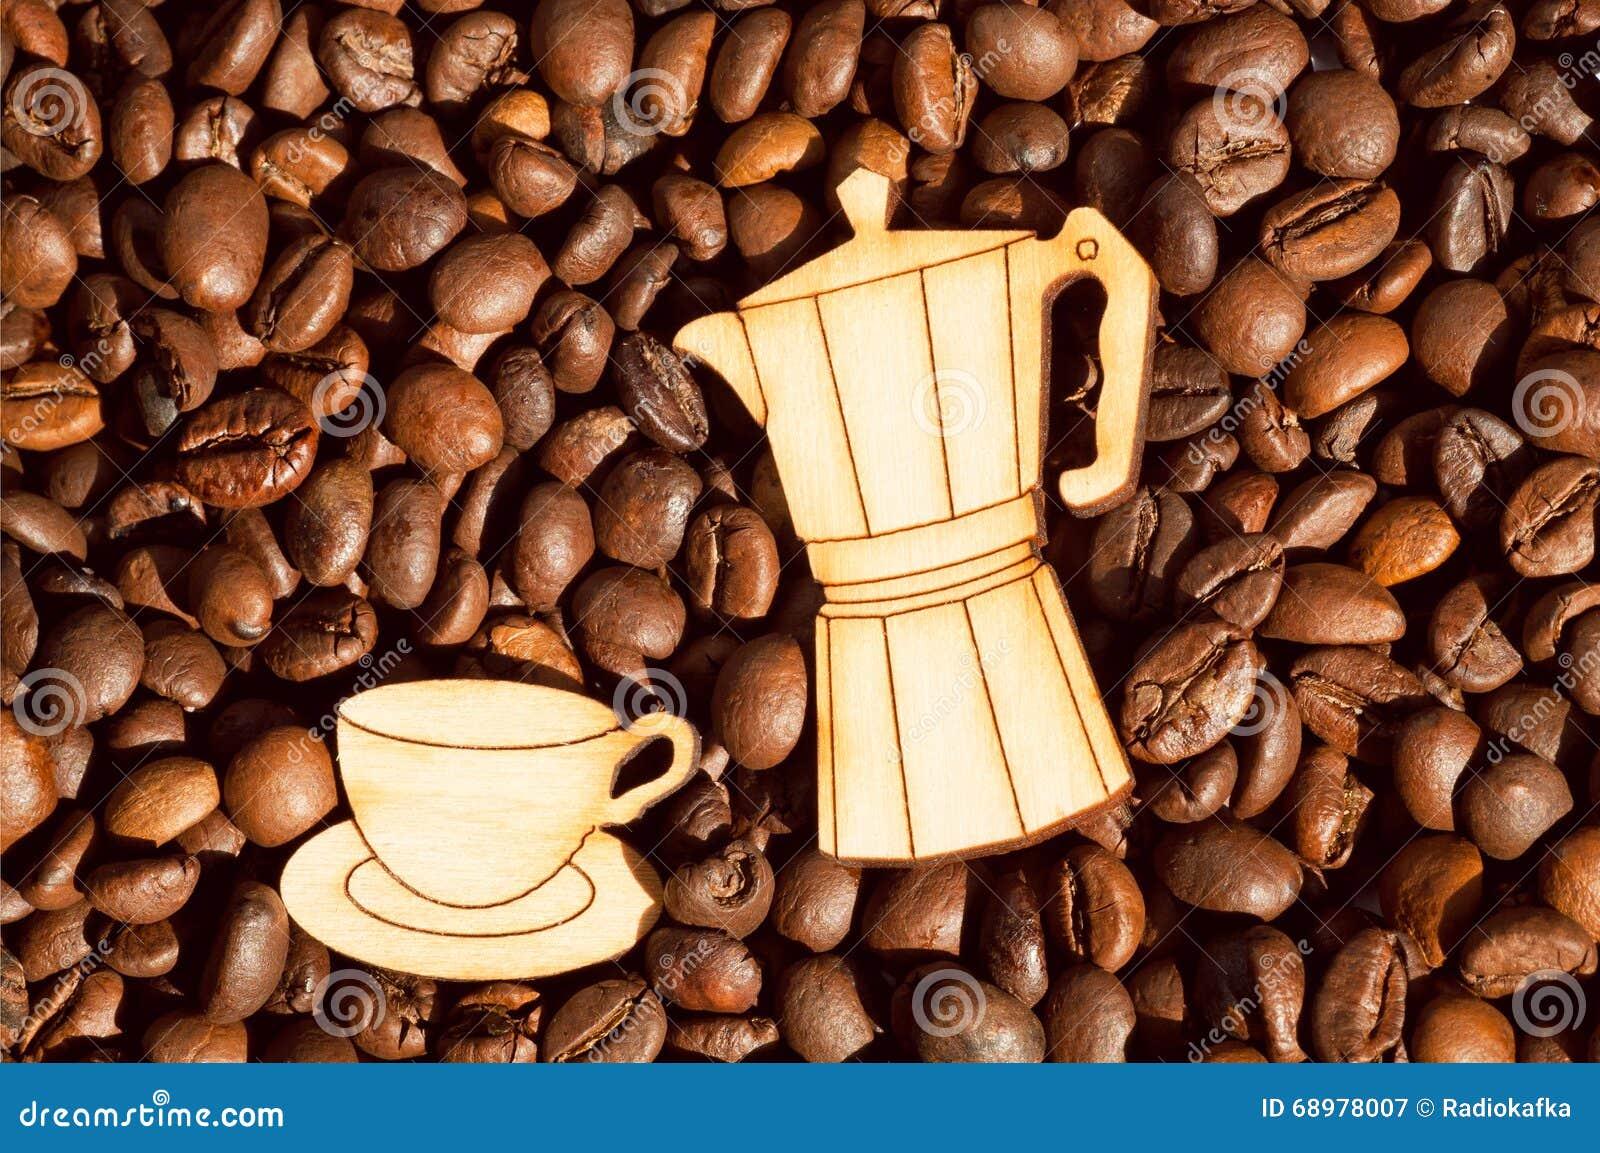 Fondo de los granos de café y pote de madera de la taza y del café